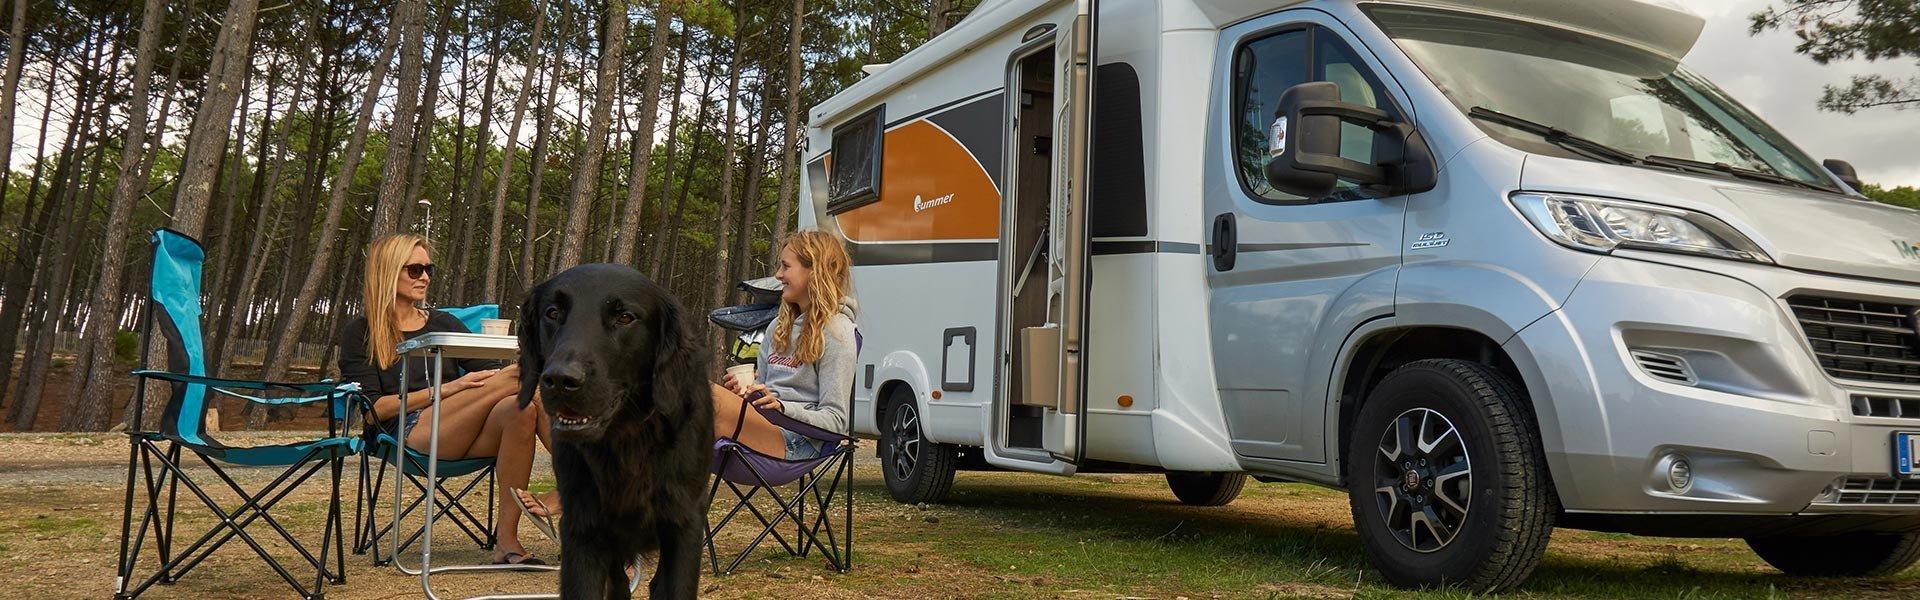 Maak een camperreis door Duitsland met Mc Rent Duitsland